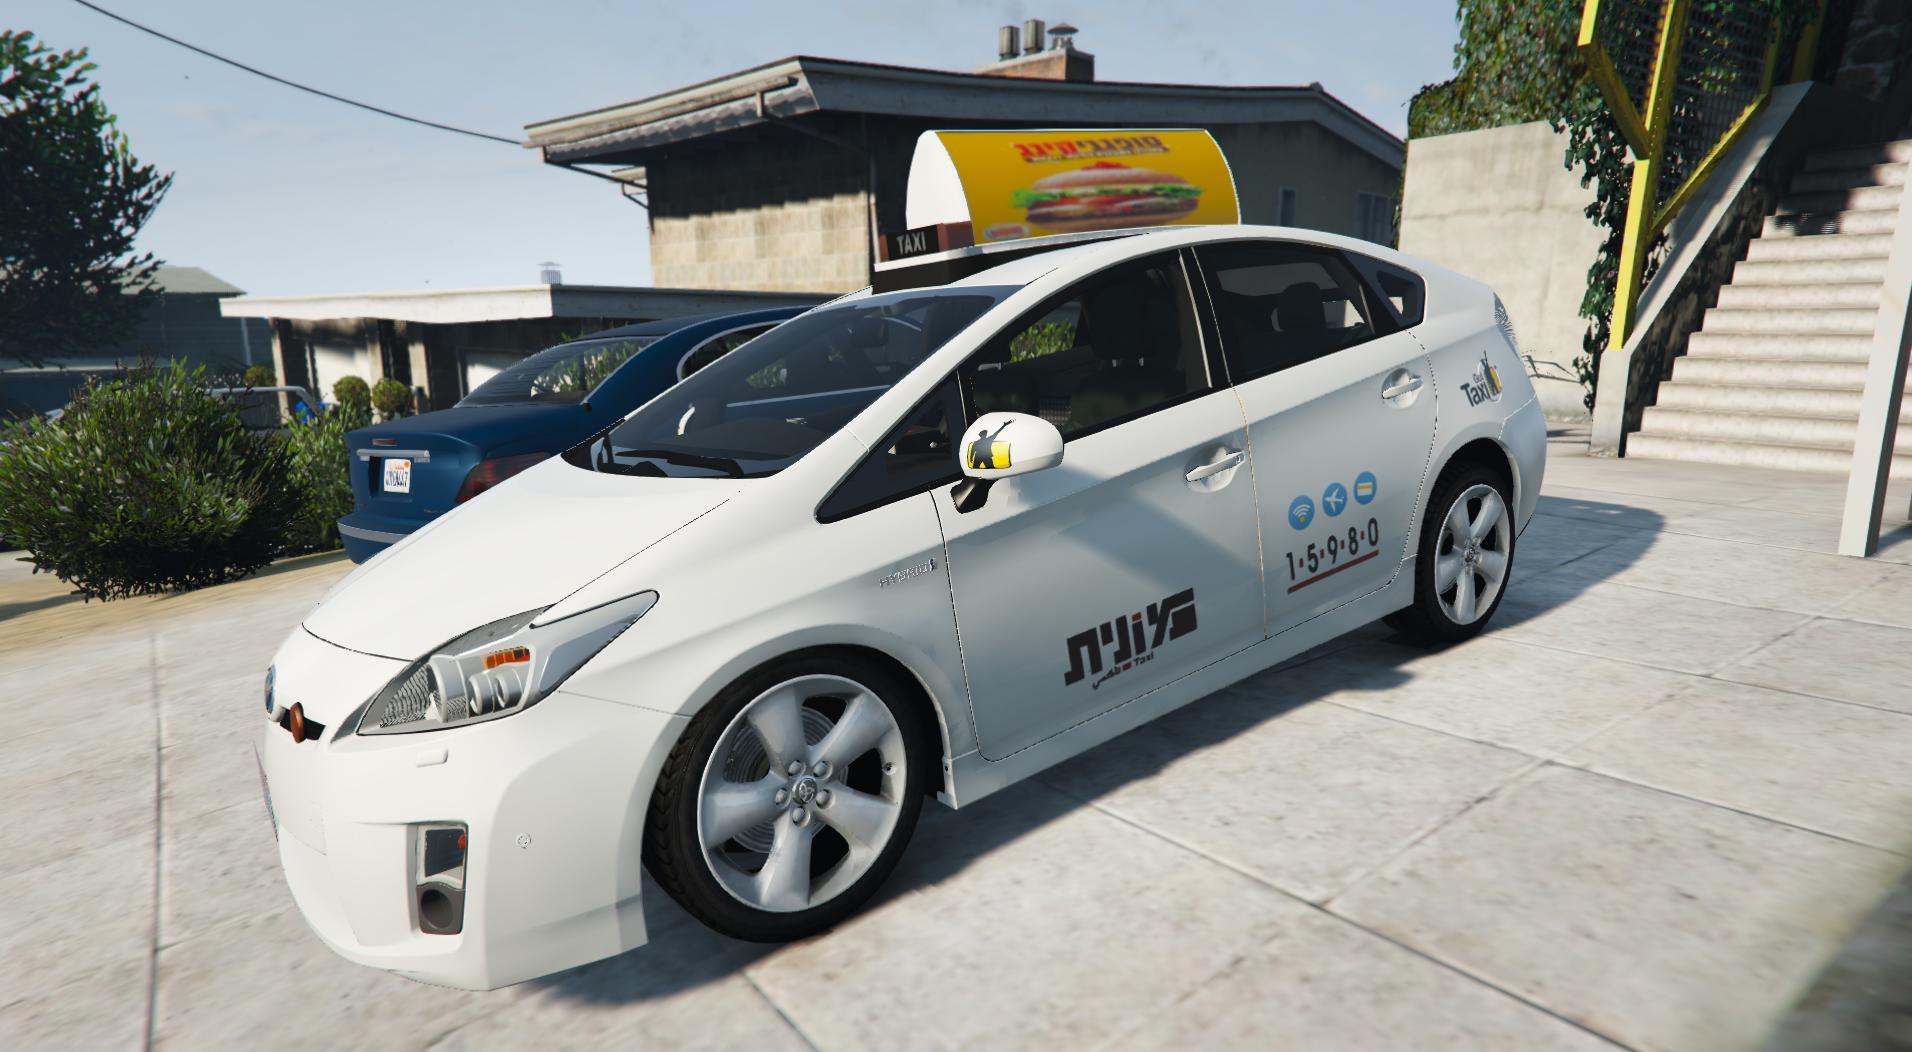 丰田普锐斯出租车|以色列|GetTaxi|2017年